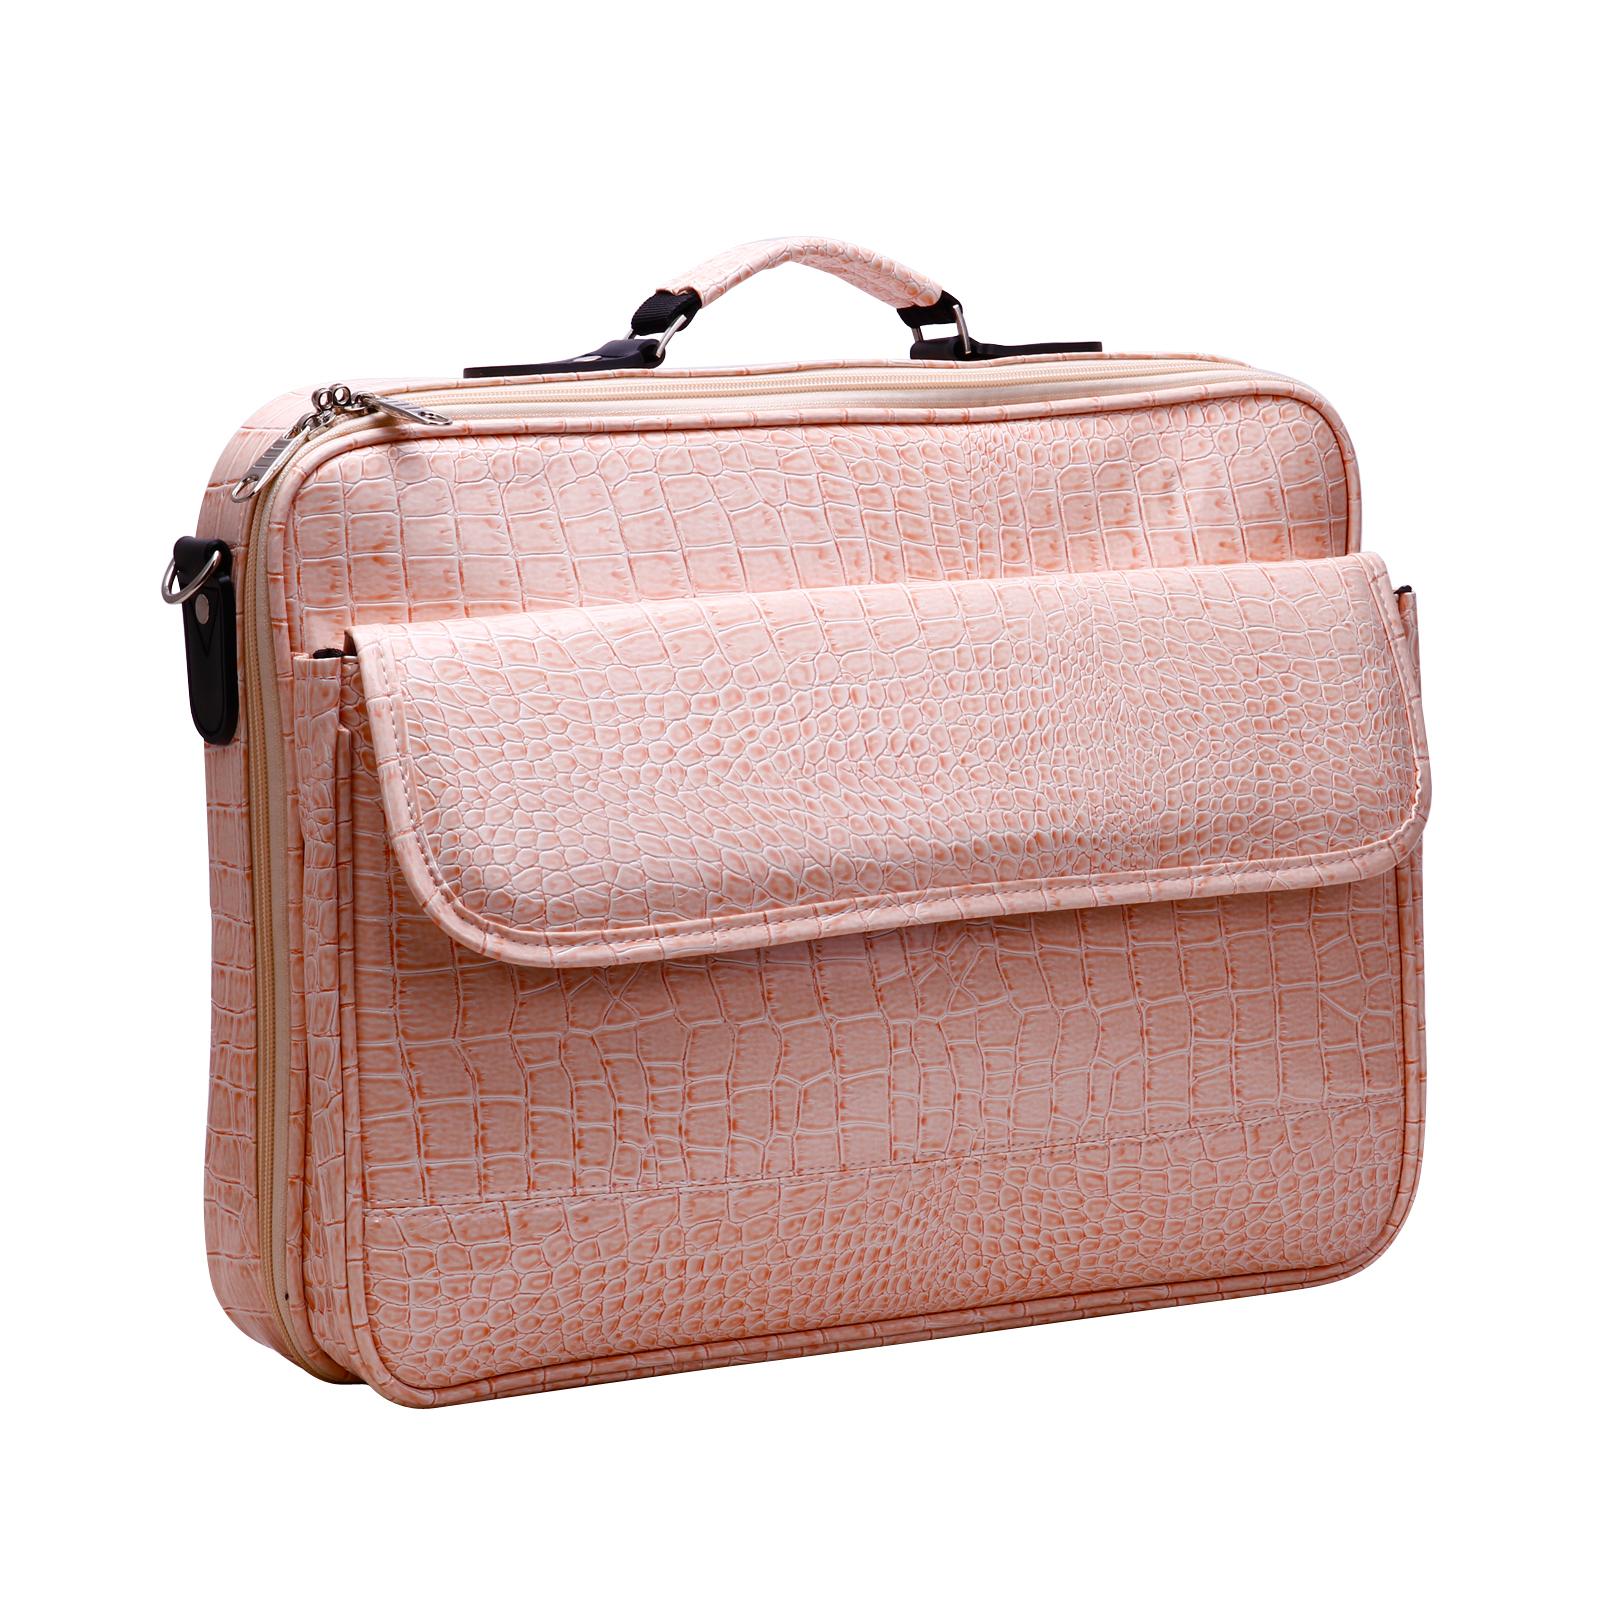 surelaptop baby pink crocodile print laptop case bag. Black Bedroom Furniture Sets. Home Design Ideas